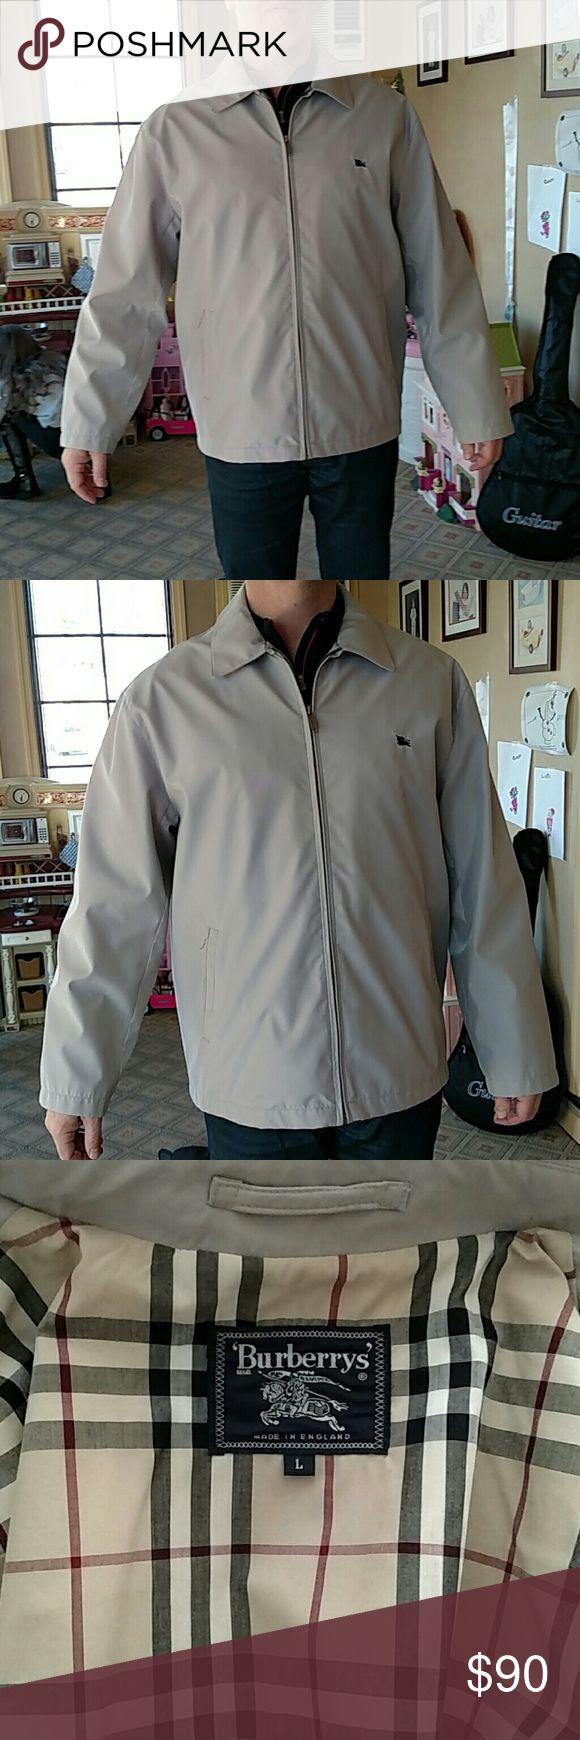 Burberrys' Mens Lightweight Jacket Great condition, sweet jacket Burberry Jackets & Coats Lightweight & Shirt Jackets